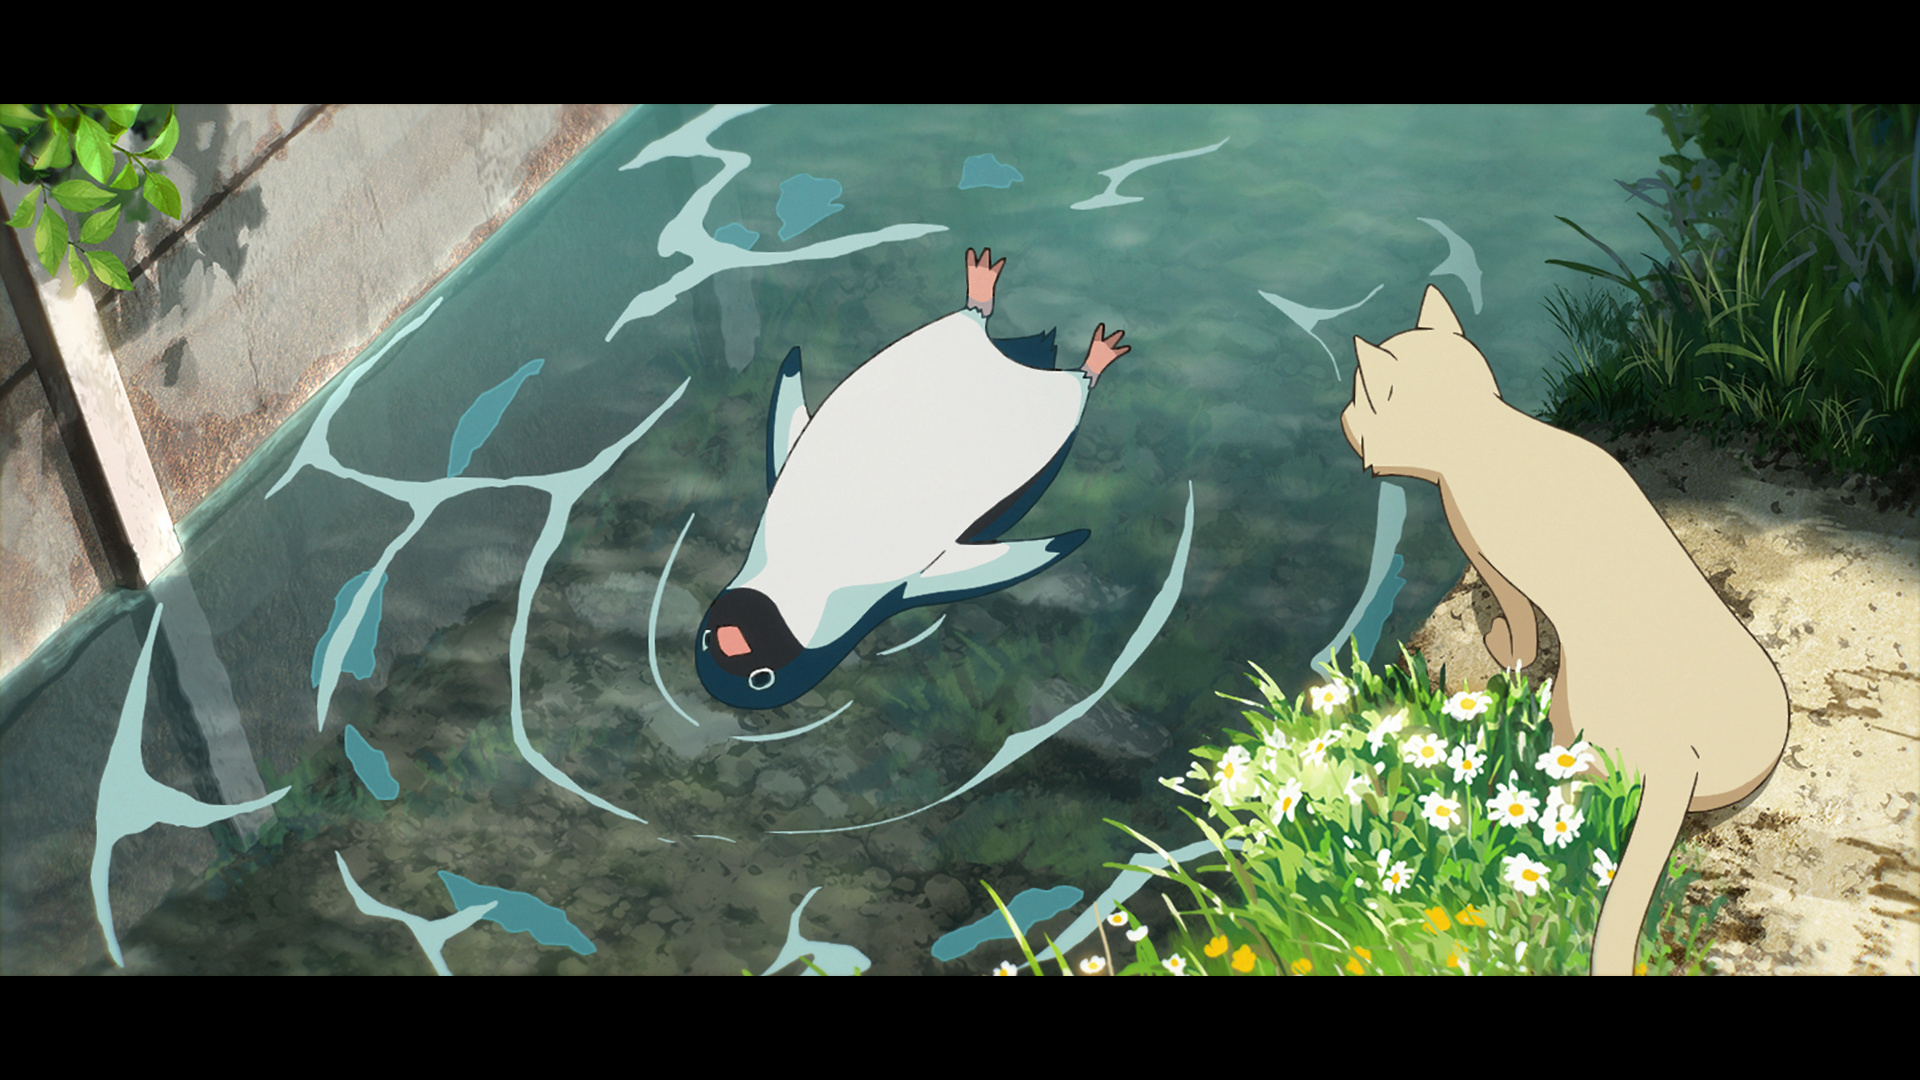 電影《企鵝公路》畫面和場景 0614_p13